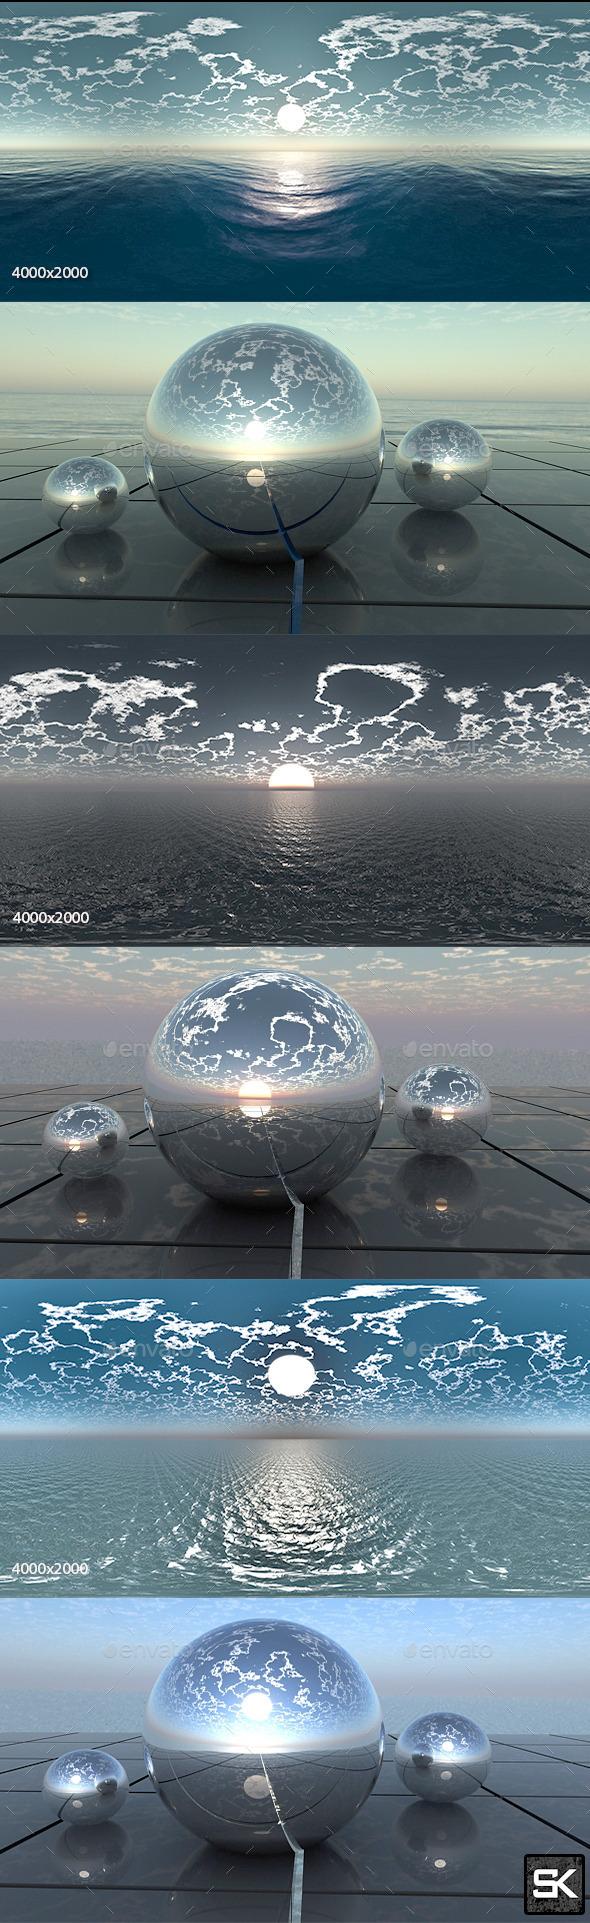 HDRI Pack. Sea - 3DOcean Item for Sale